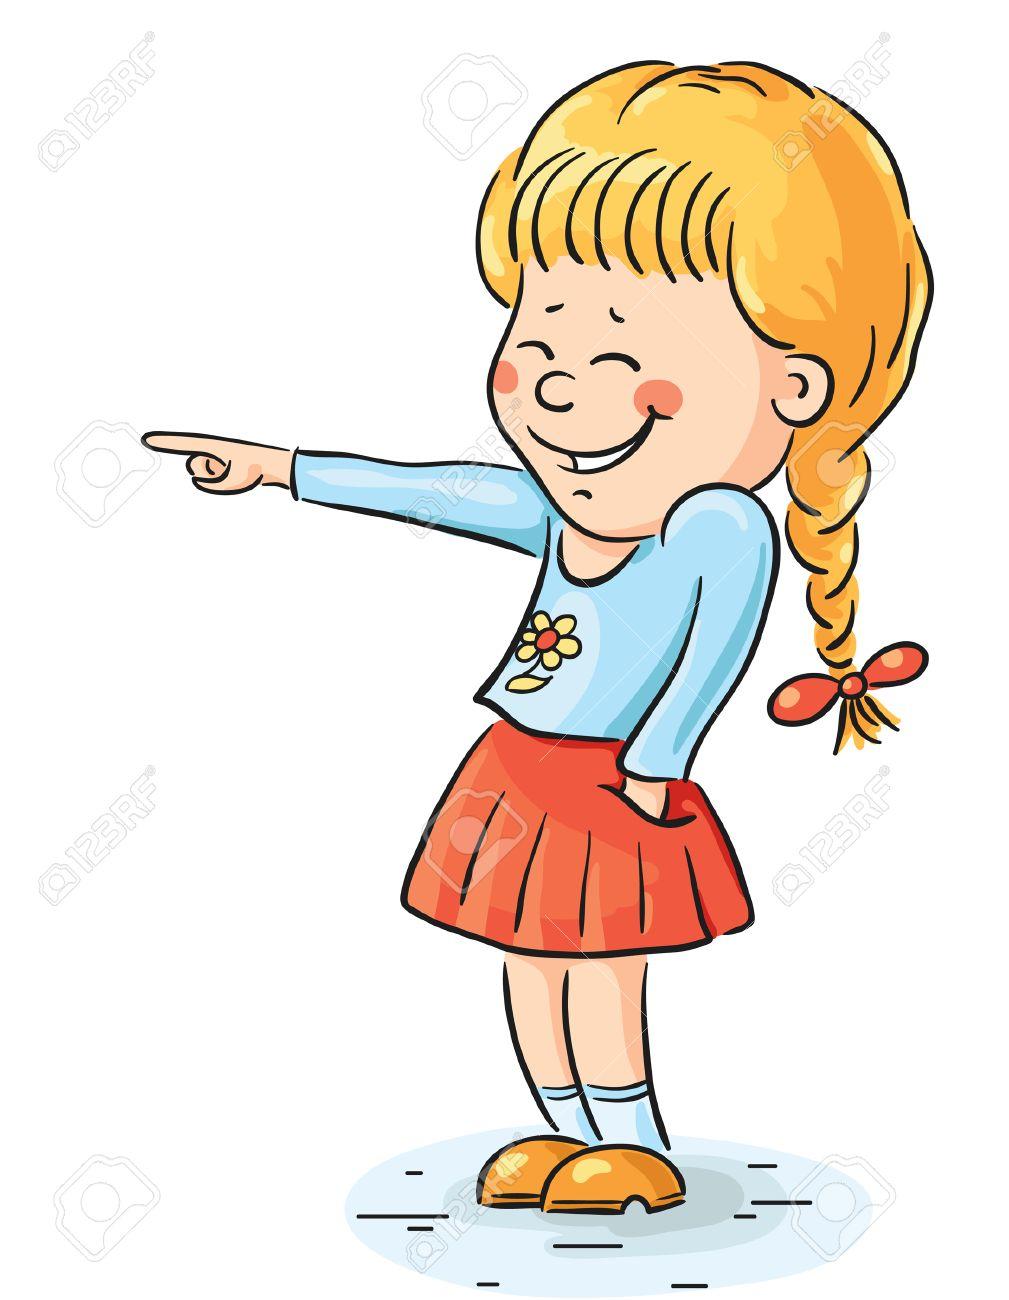 Carton laughing girl pointing at something.